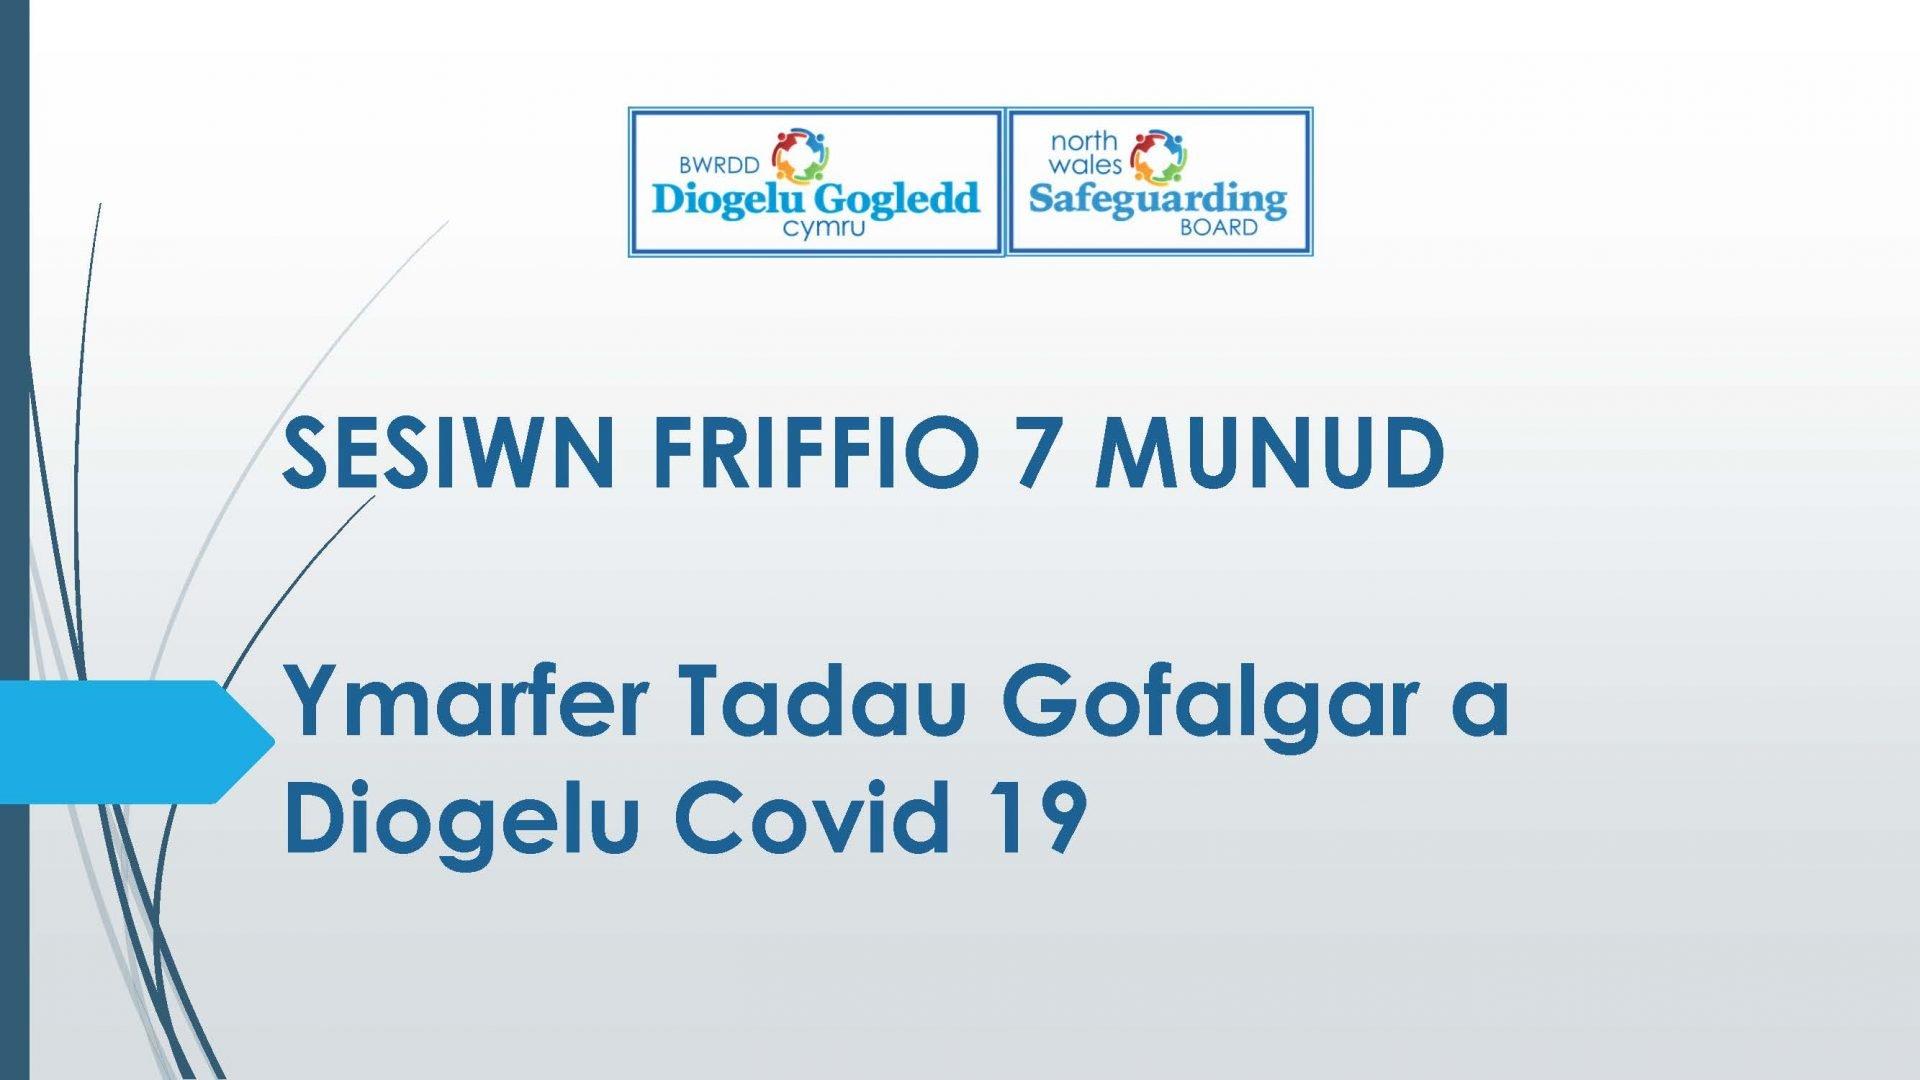 Ymarfer Tadau Gofalgar a Diogelu Covid 19